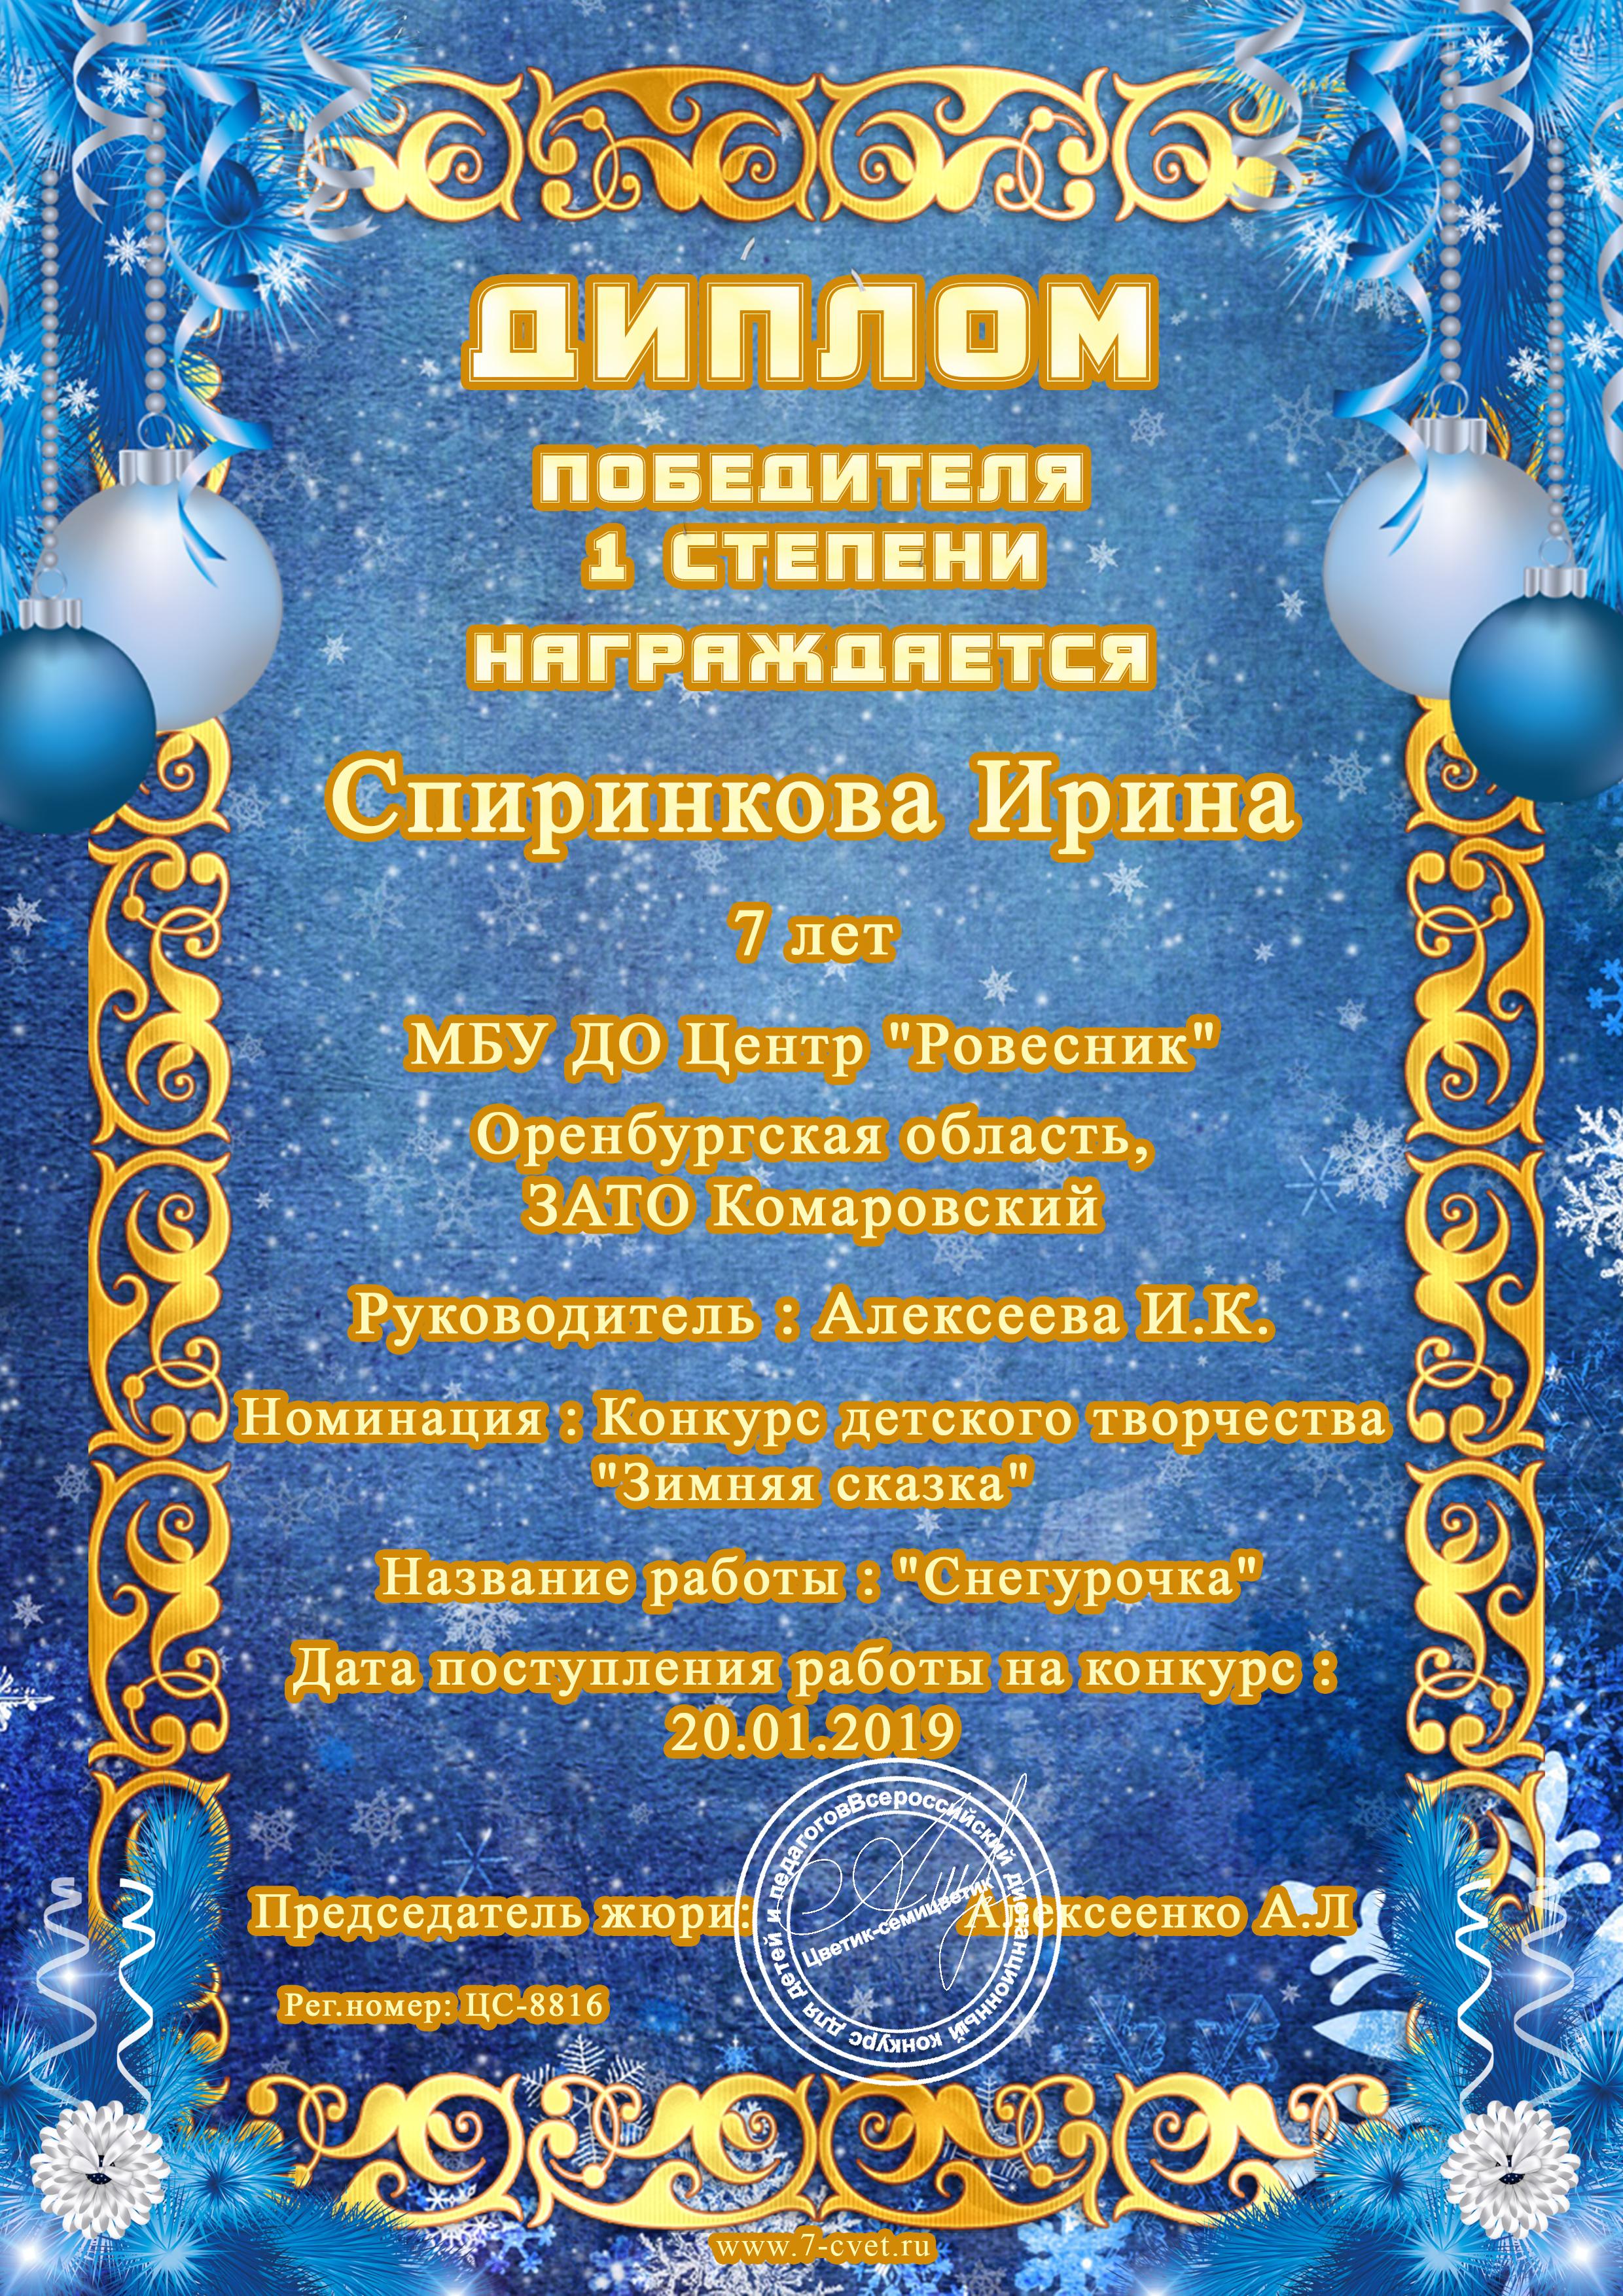 Спиринкова Ирина